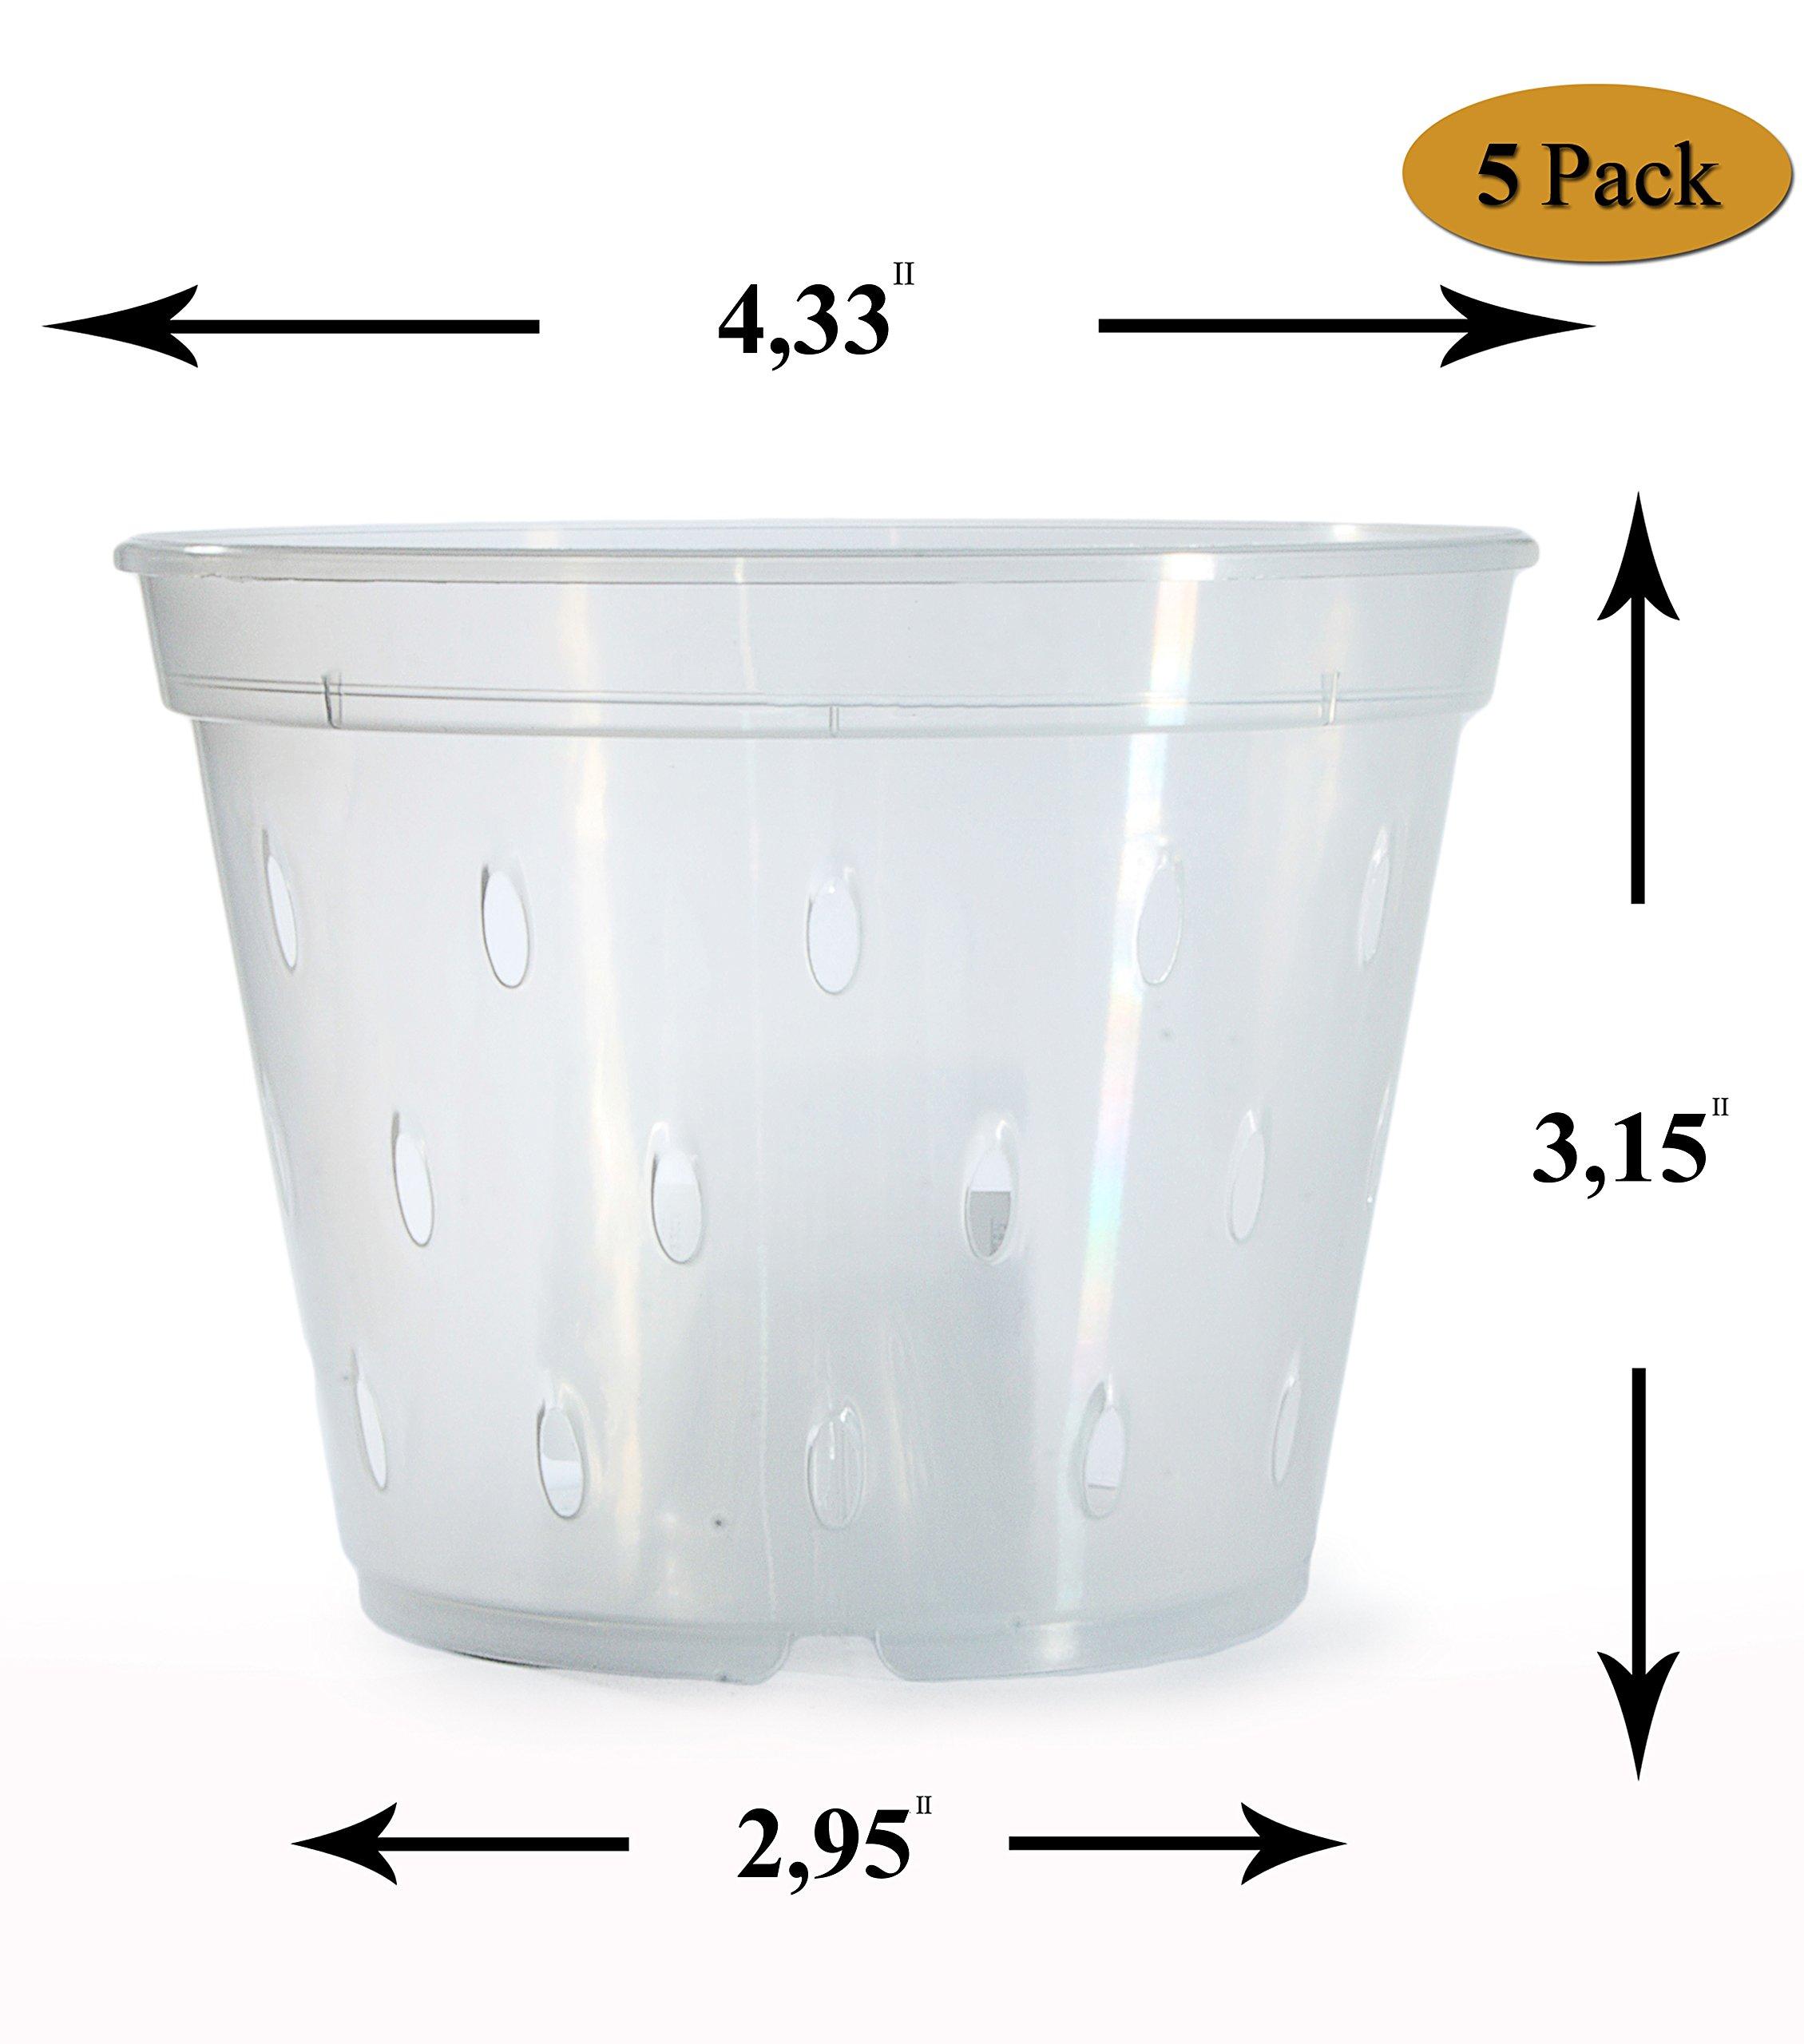 Orchid Pots With Holes Plastic-Orchid Pot-Clear Orchid Pot-4.5 inch-Orchids Pot-Plastic Orchid Pots-Pots For Orchids-Slotted Orchid Pot-Clear Plastic Pot-Orchid Flower Pot-Orchid Plant Pot-5 Pack by DAN Market